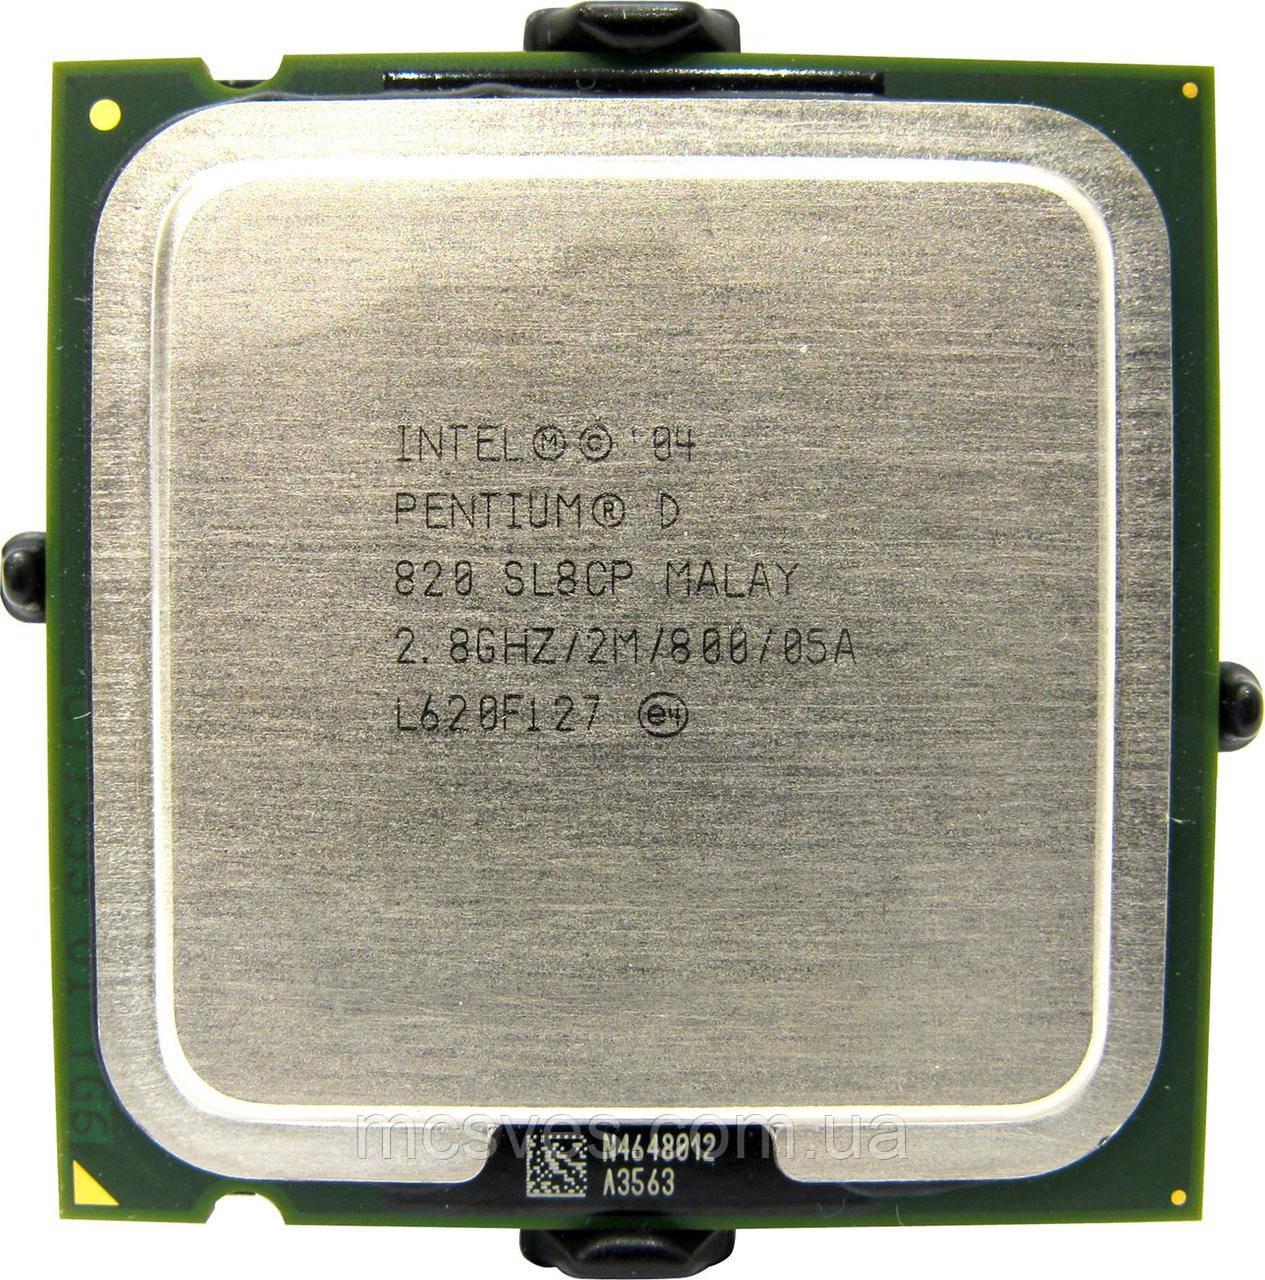 Процессор Intel Pentium D 820 2.8GHz/800MHz/2048k s775 lga775 2 ядра